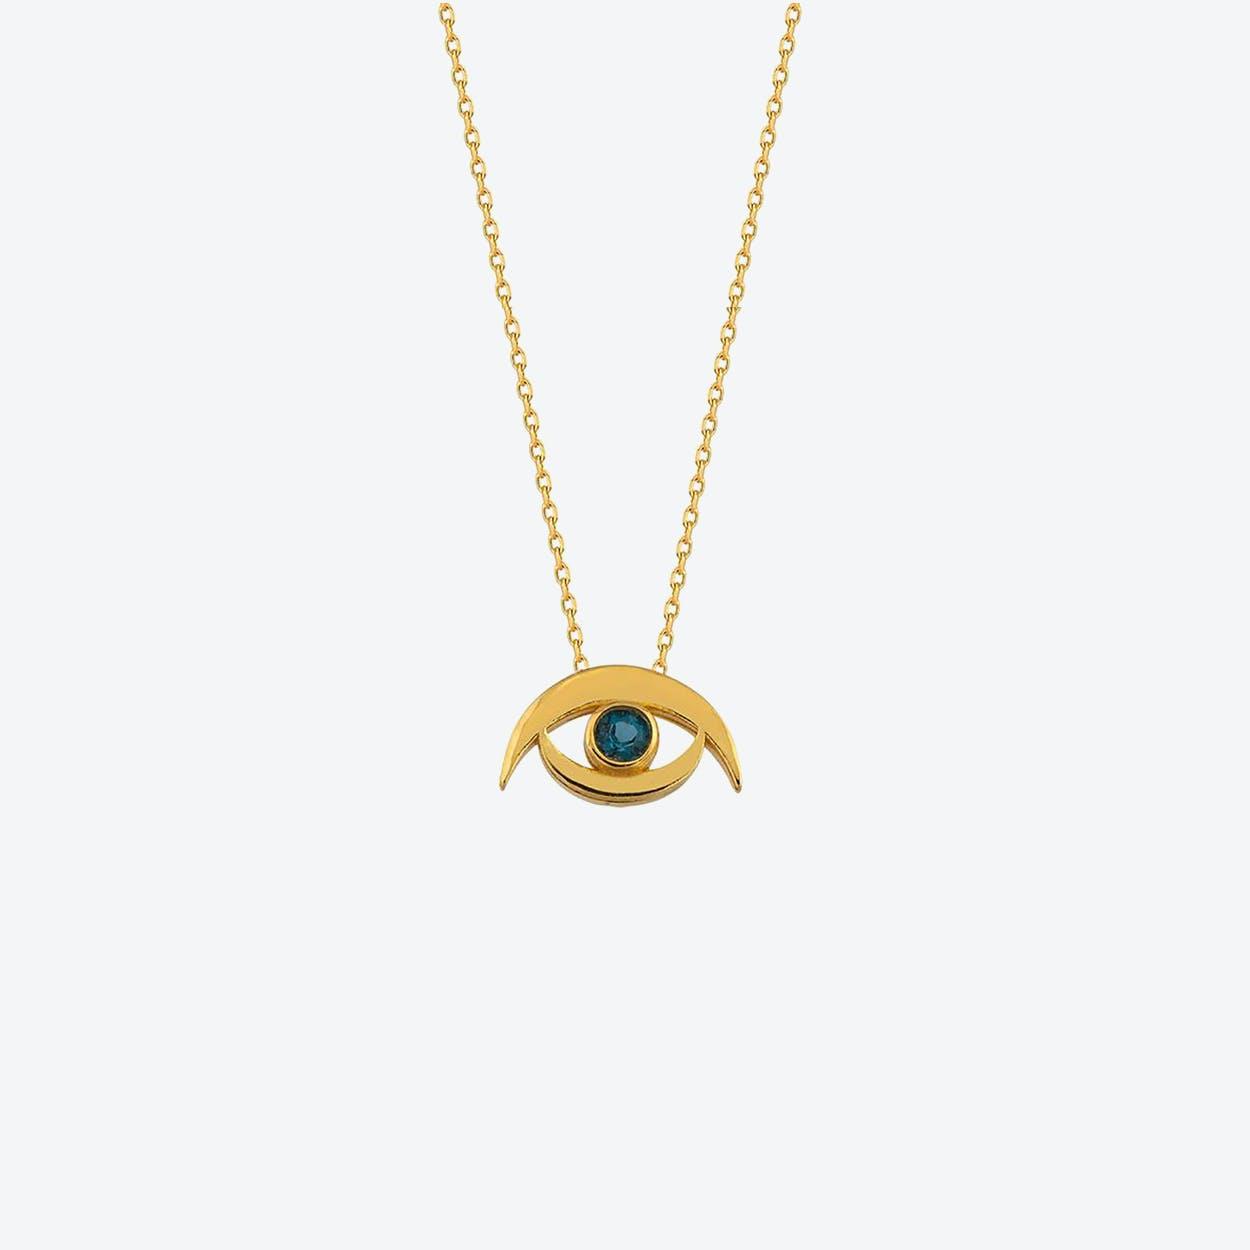 Gold Evil Eye Necklace w/ Topaz